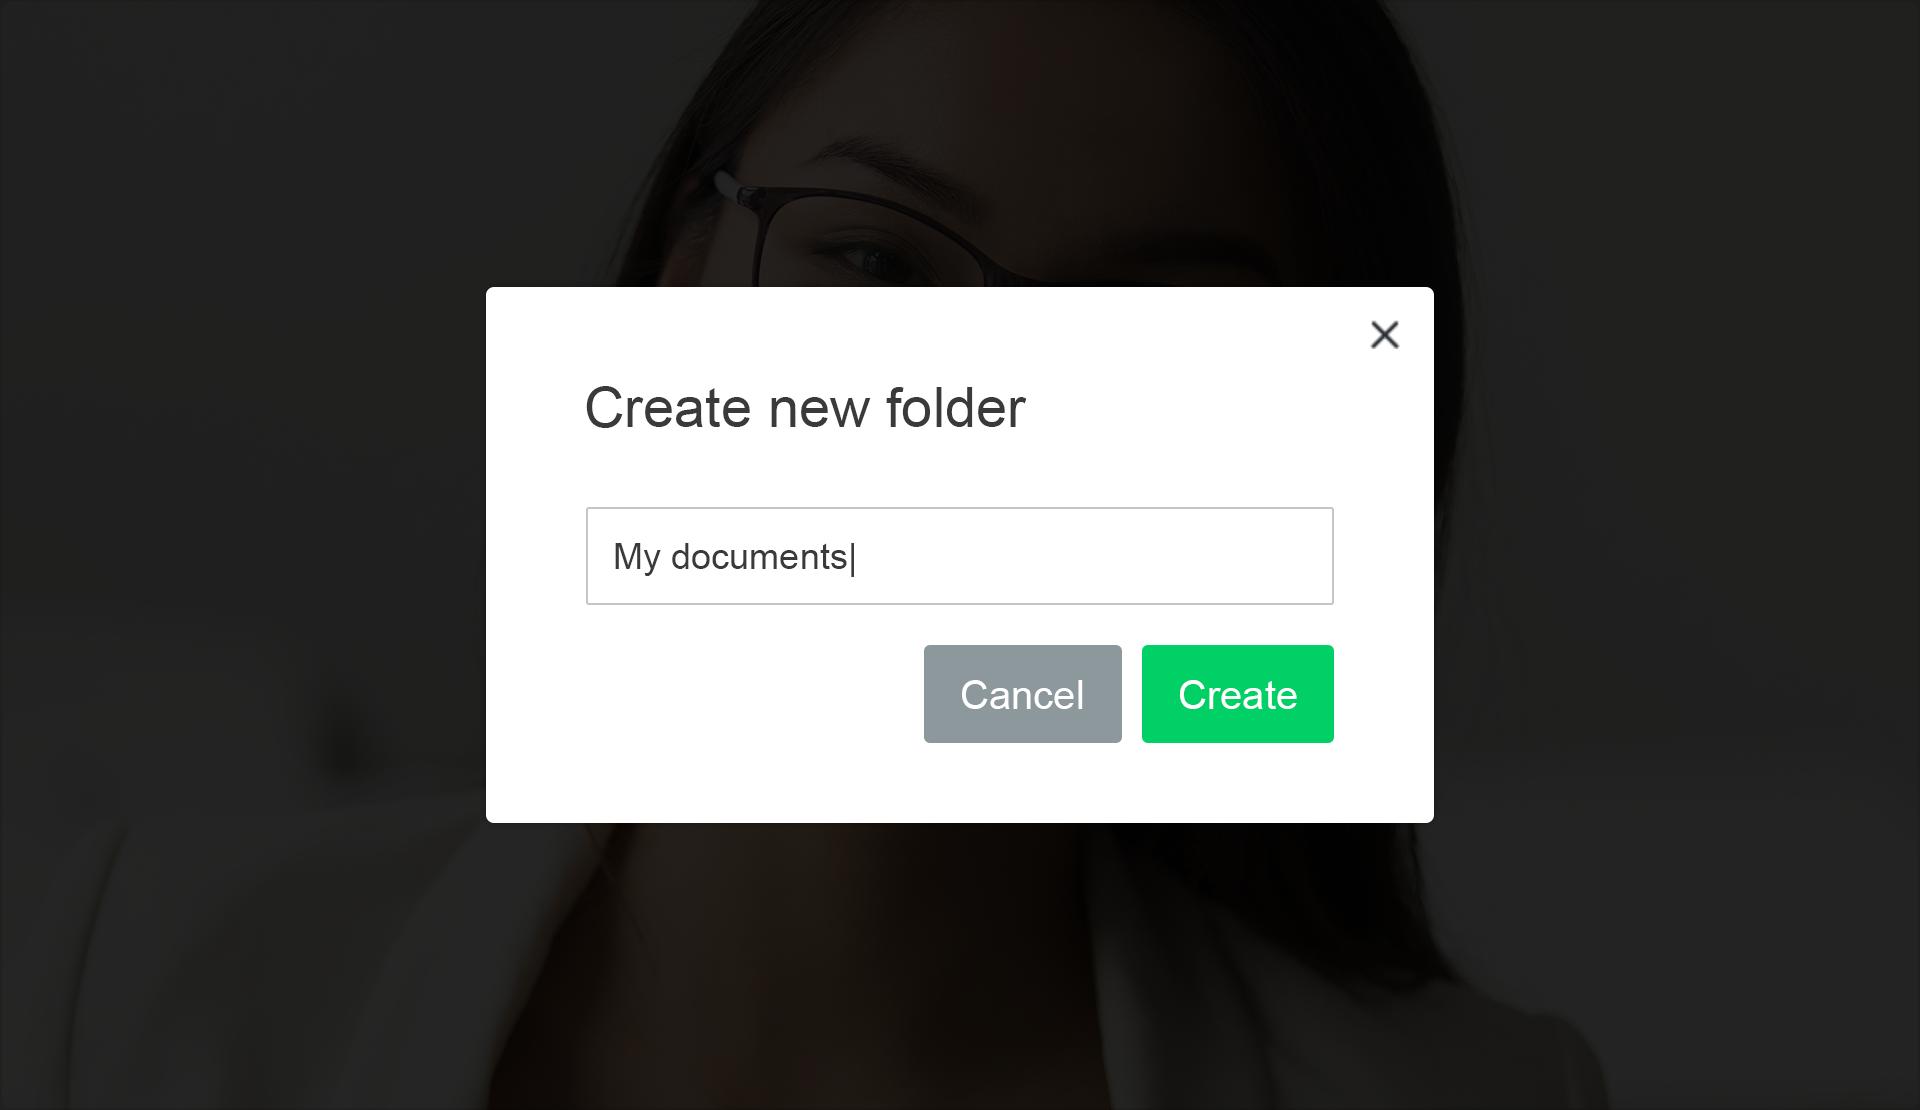 2. Create folders